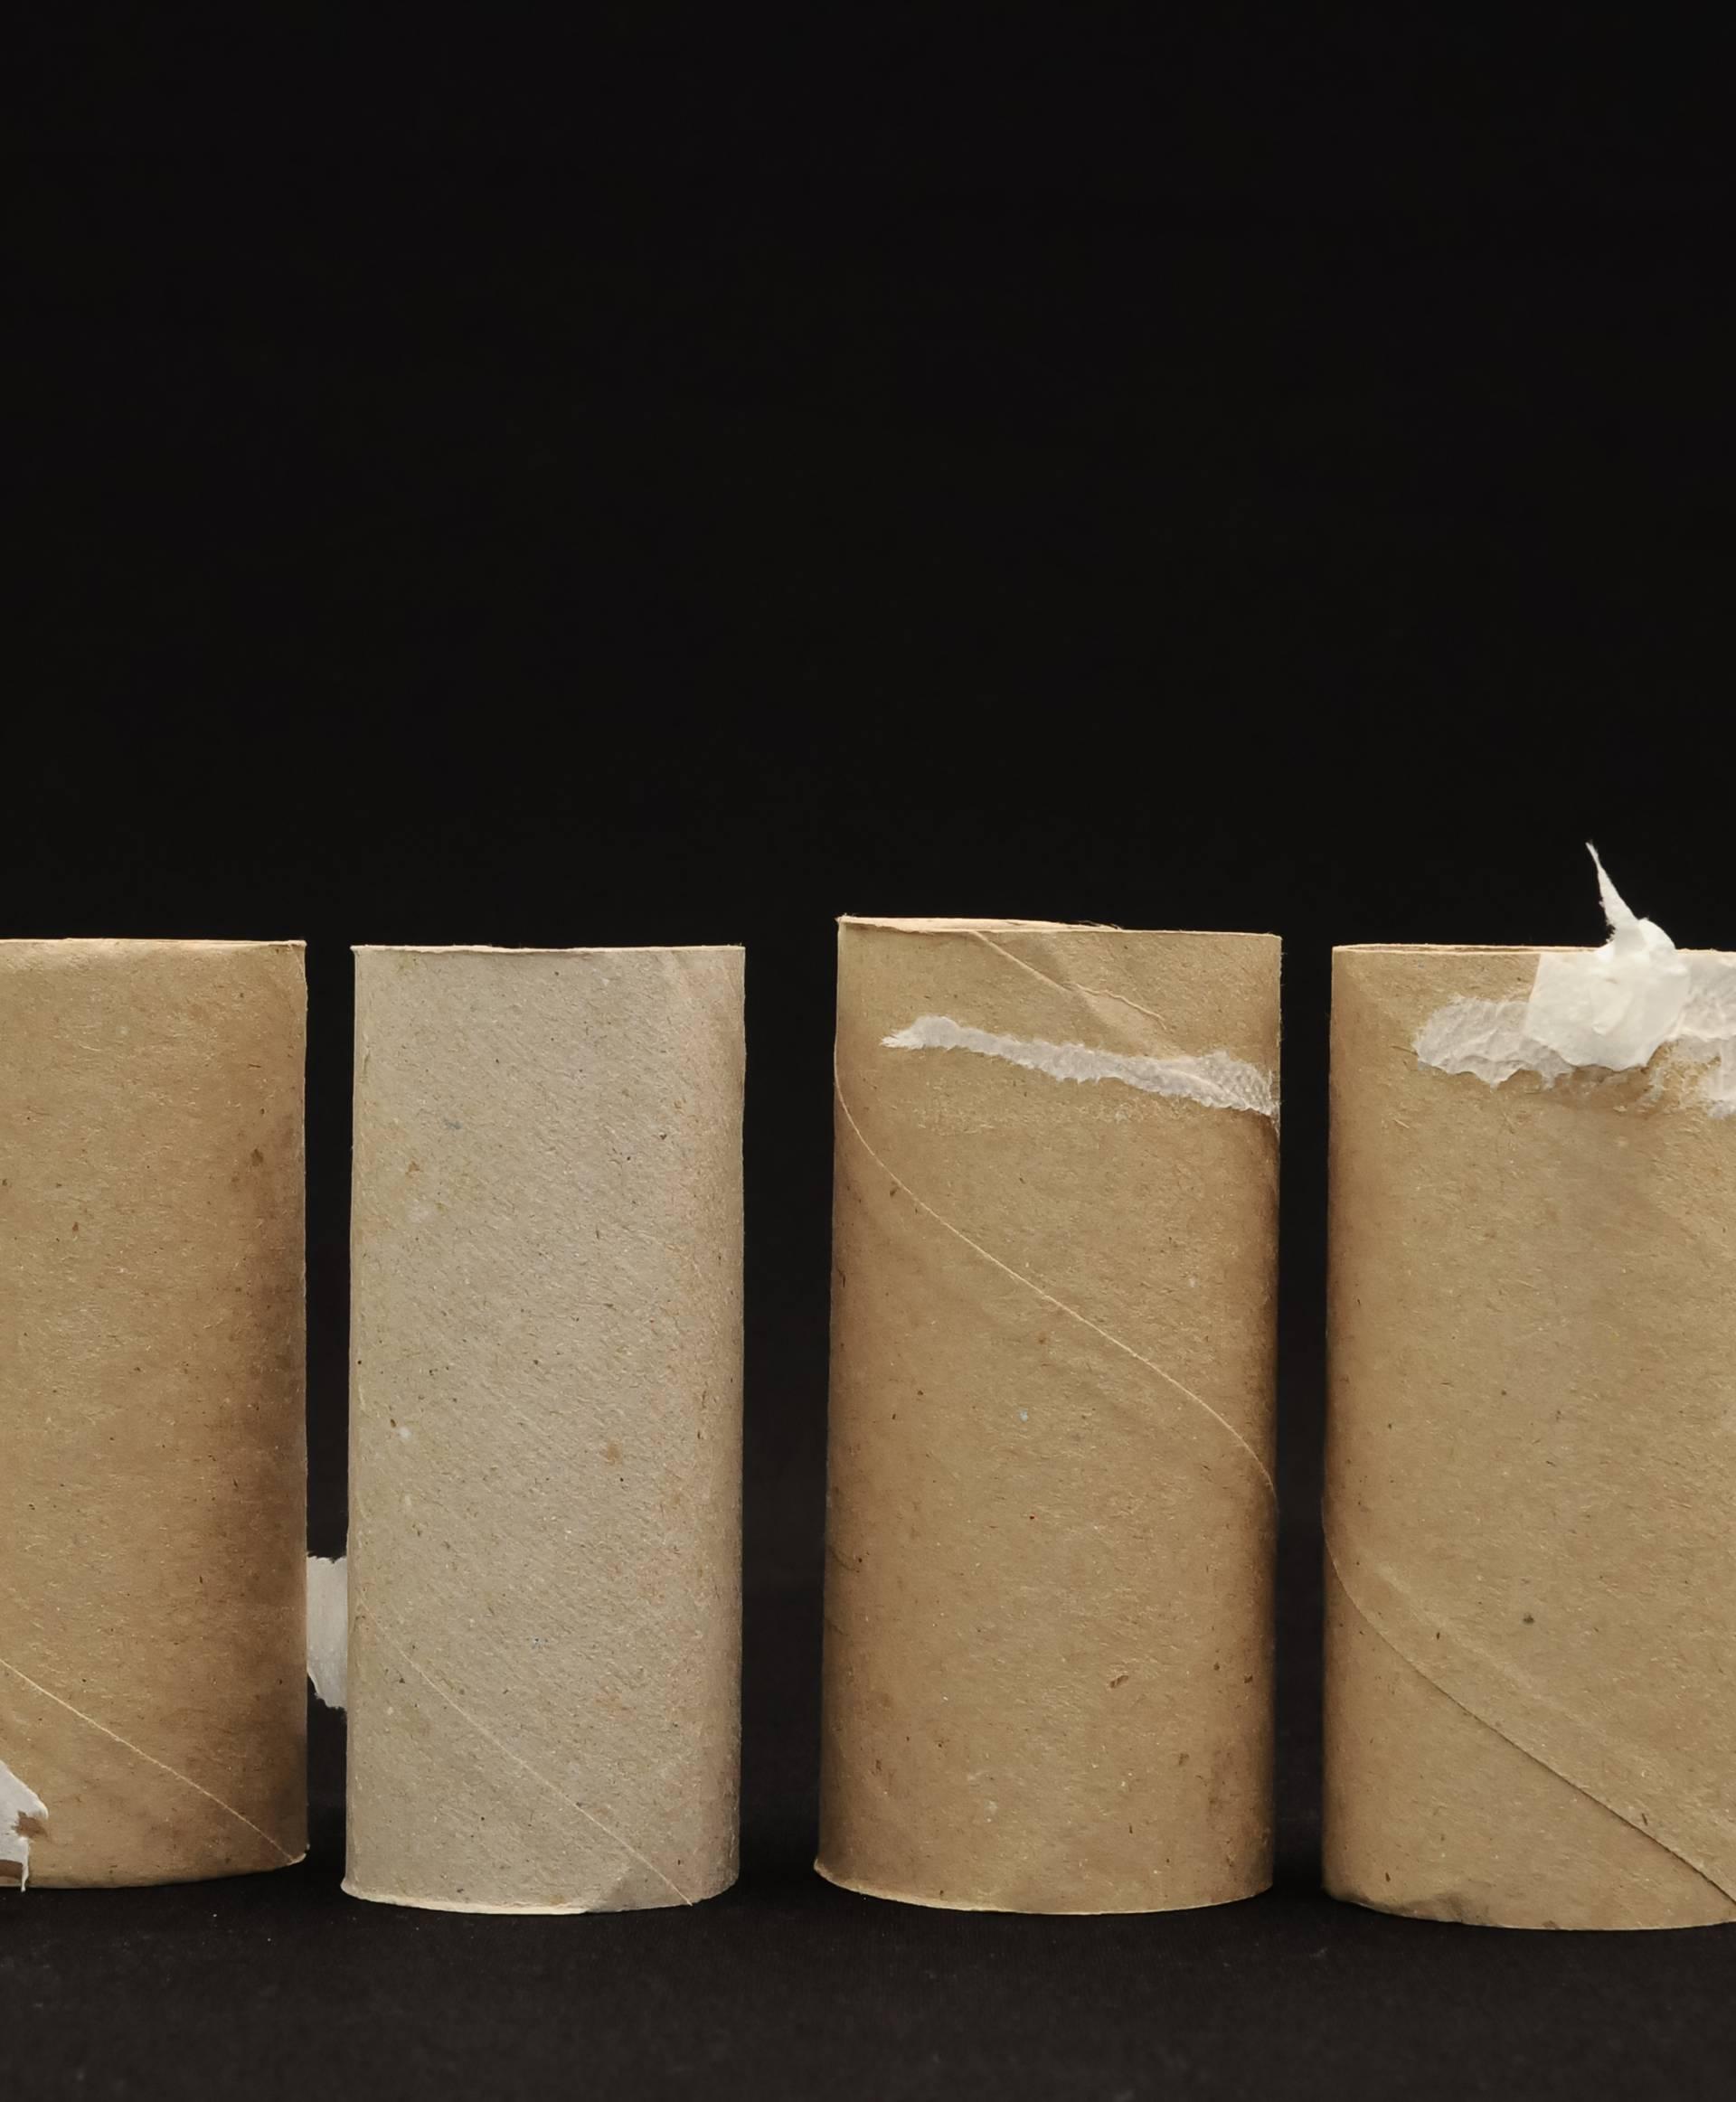 Što napraviti, a što ne ako ostanemo bez toaletnog papira